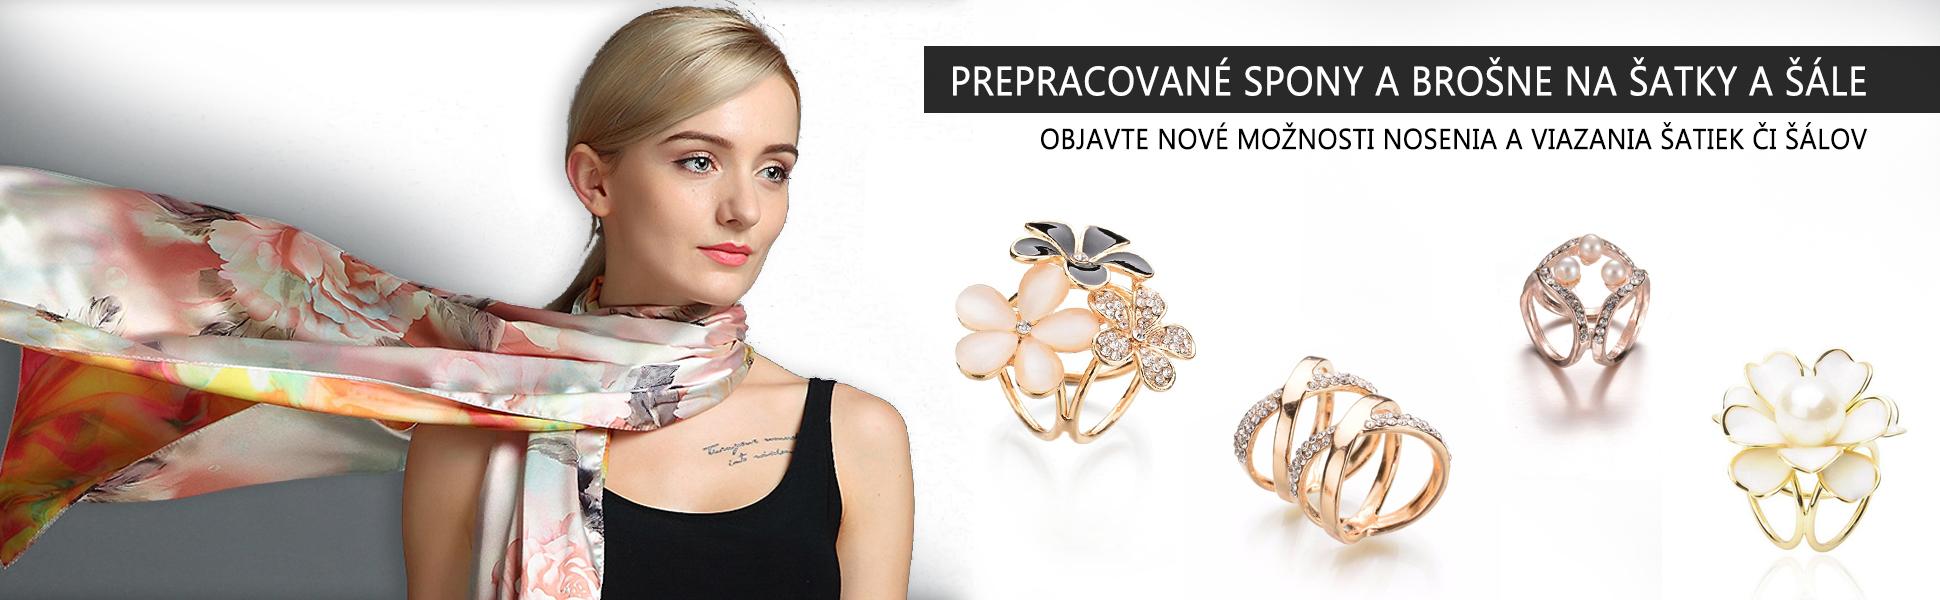 V našom online obchode nájdete luxusné brošne, spony, pracky a iné šperky používané k šatkám, šálom alebo ako ozdoby na dámske saká či oblečenie